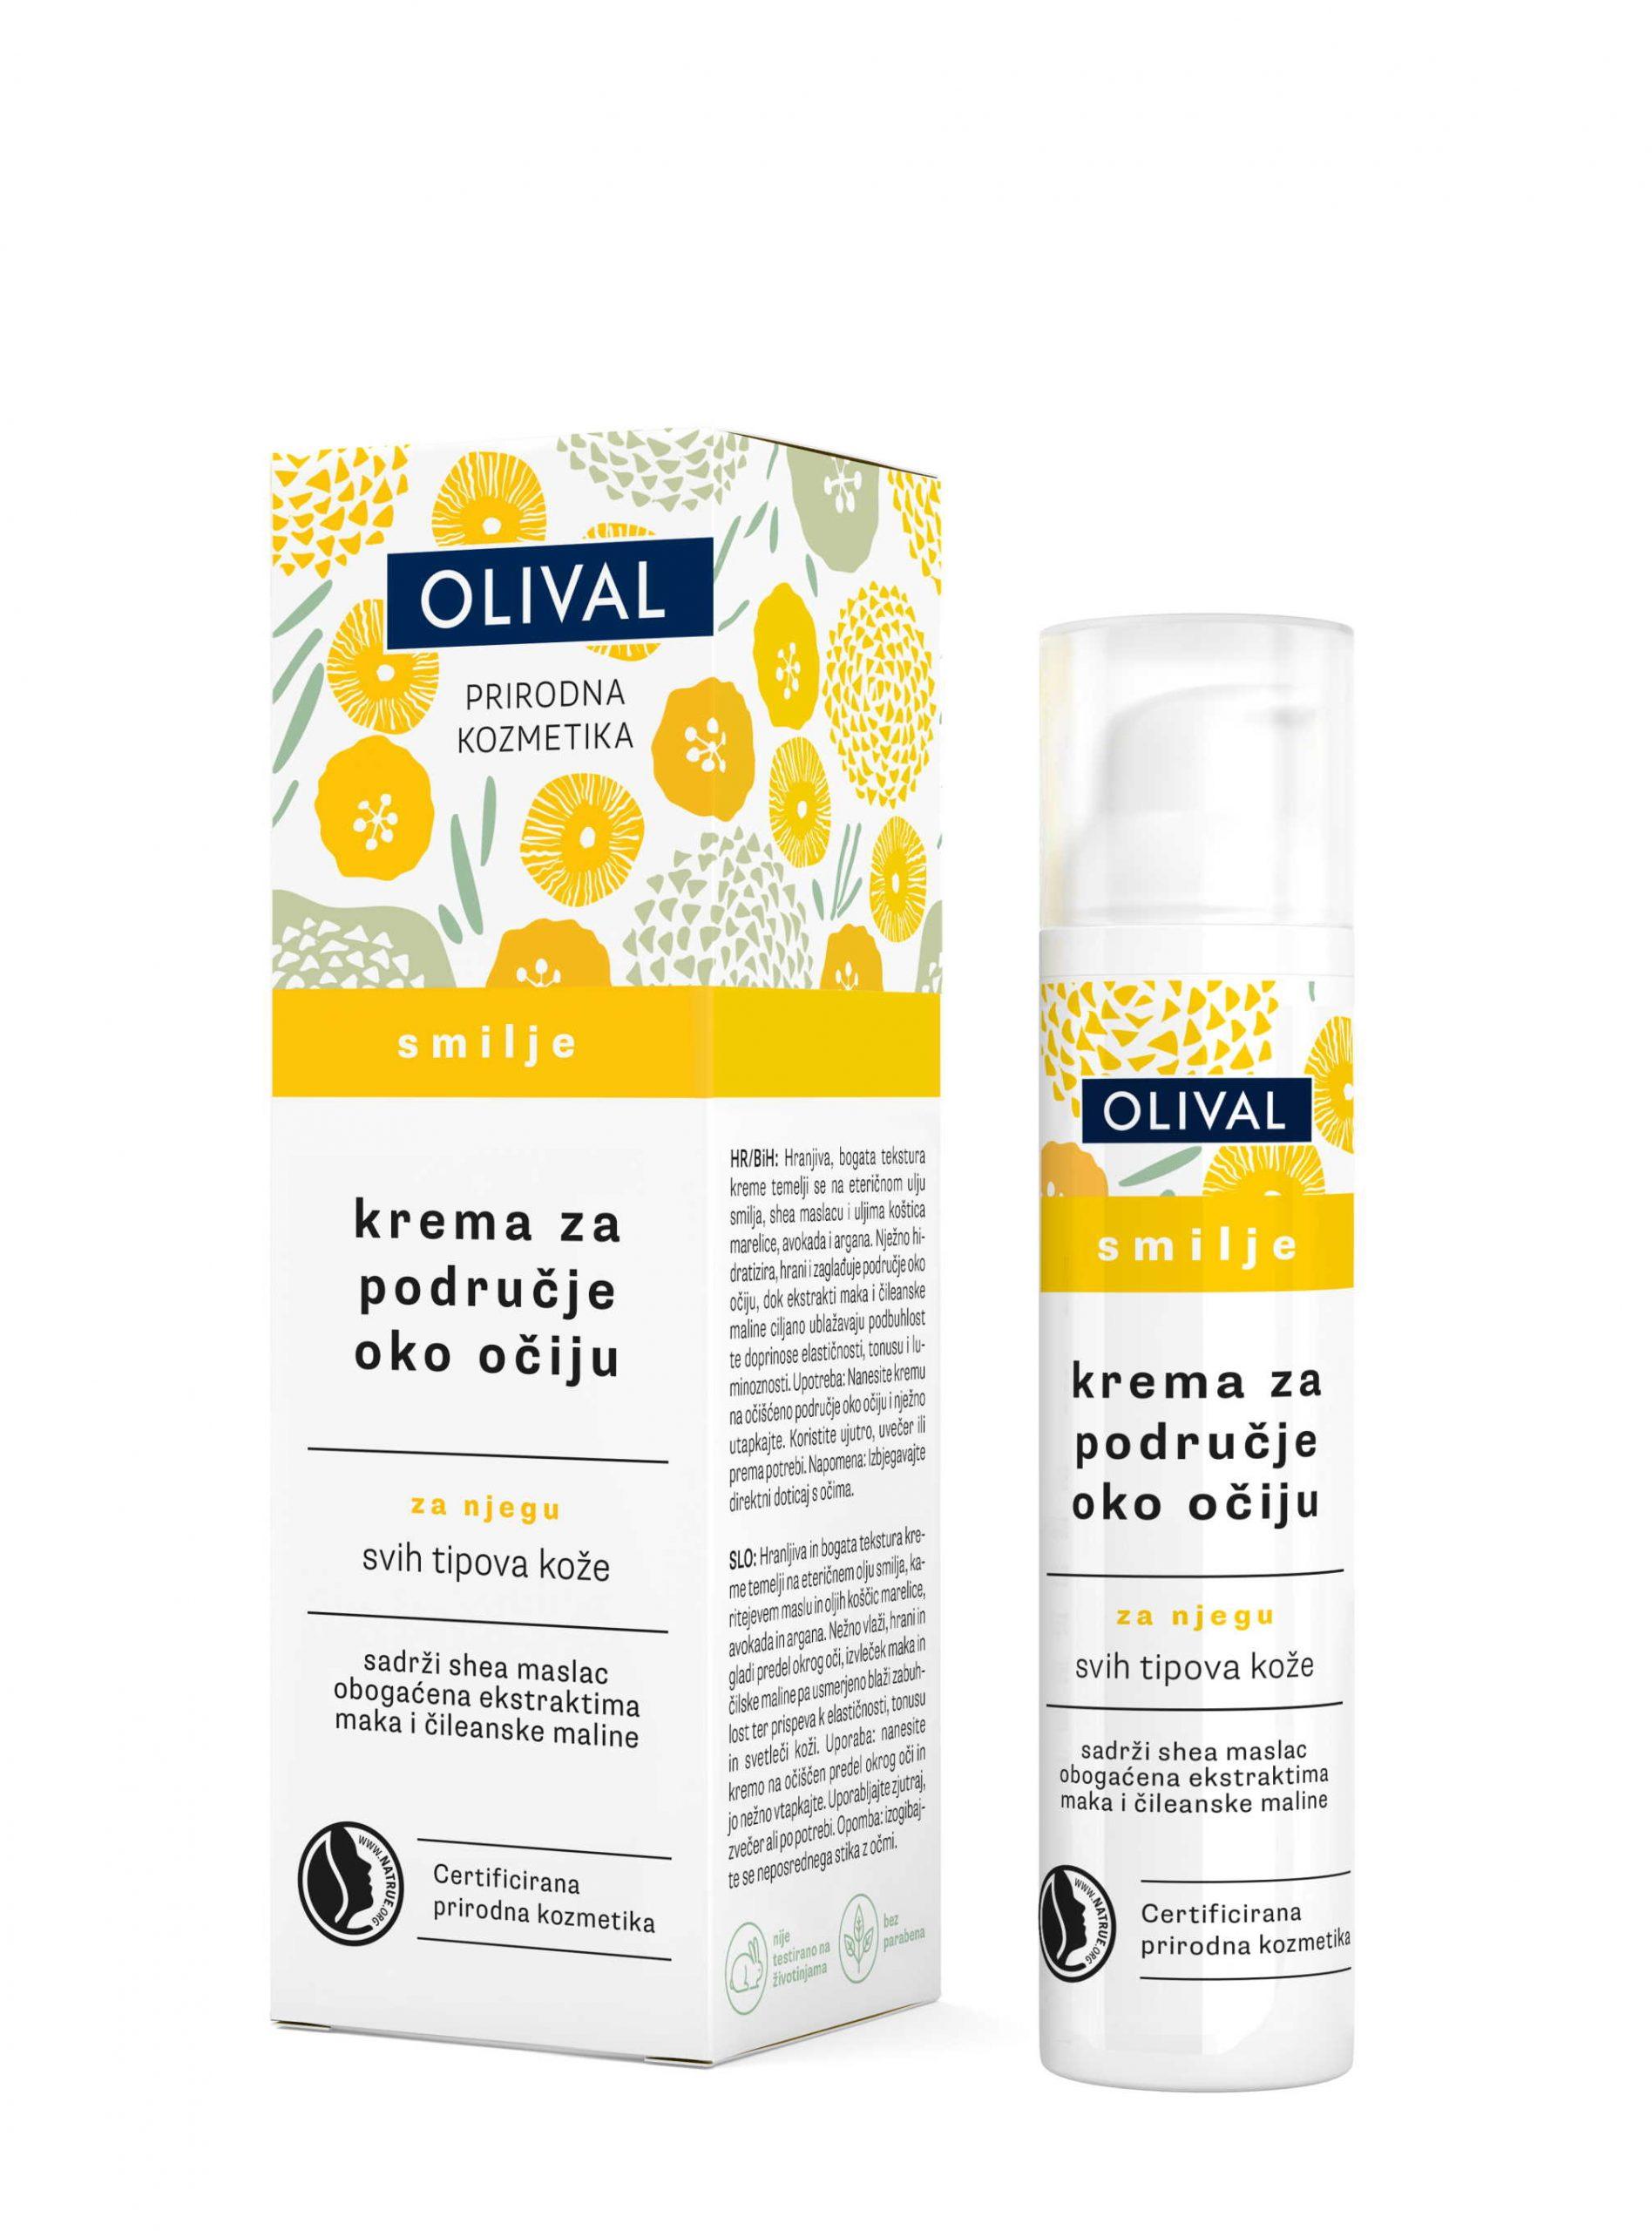 Olival predstavio dva nova proizvoda iz omiljene kolekcije sa smiljem